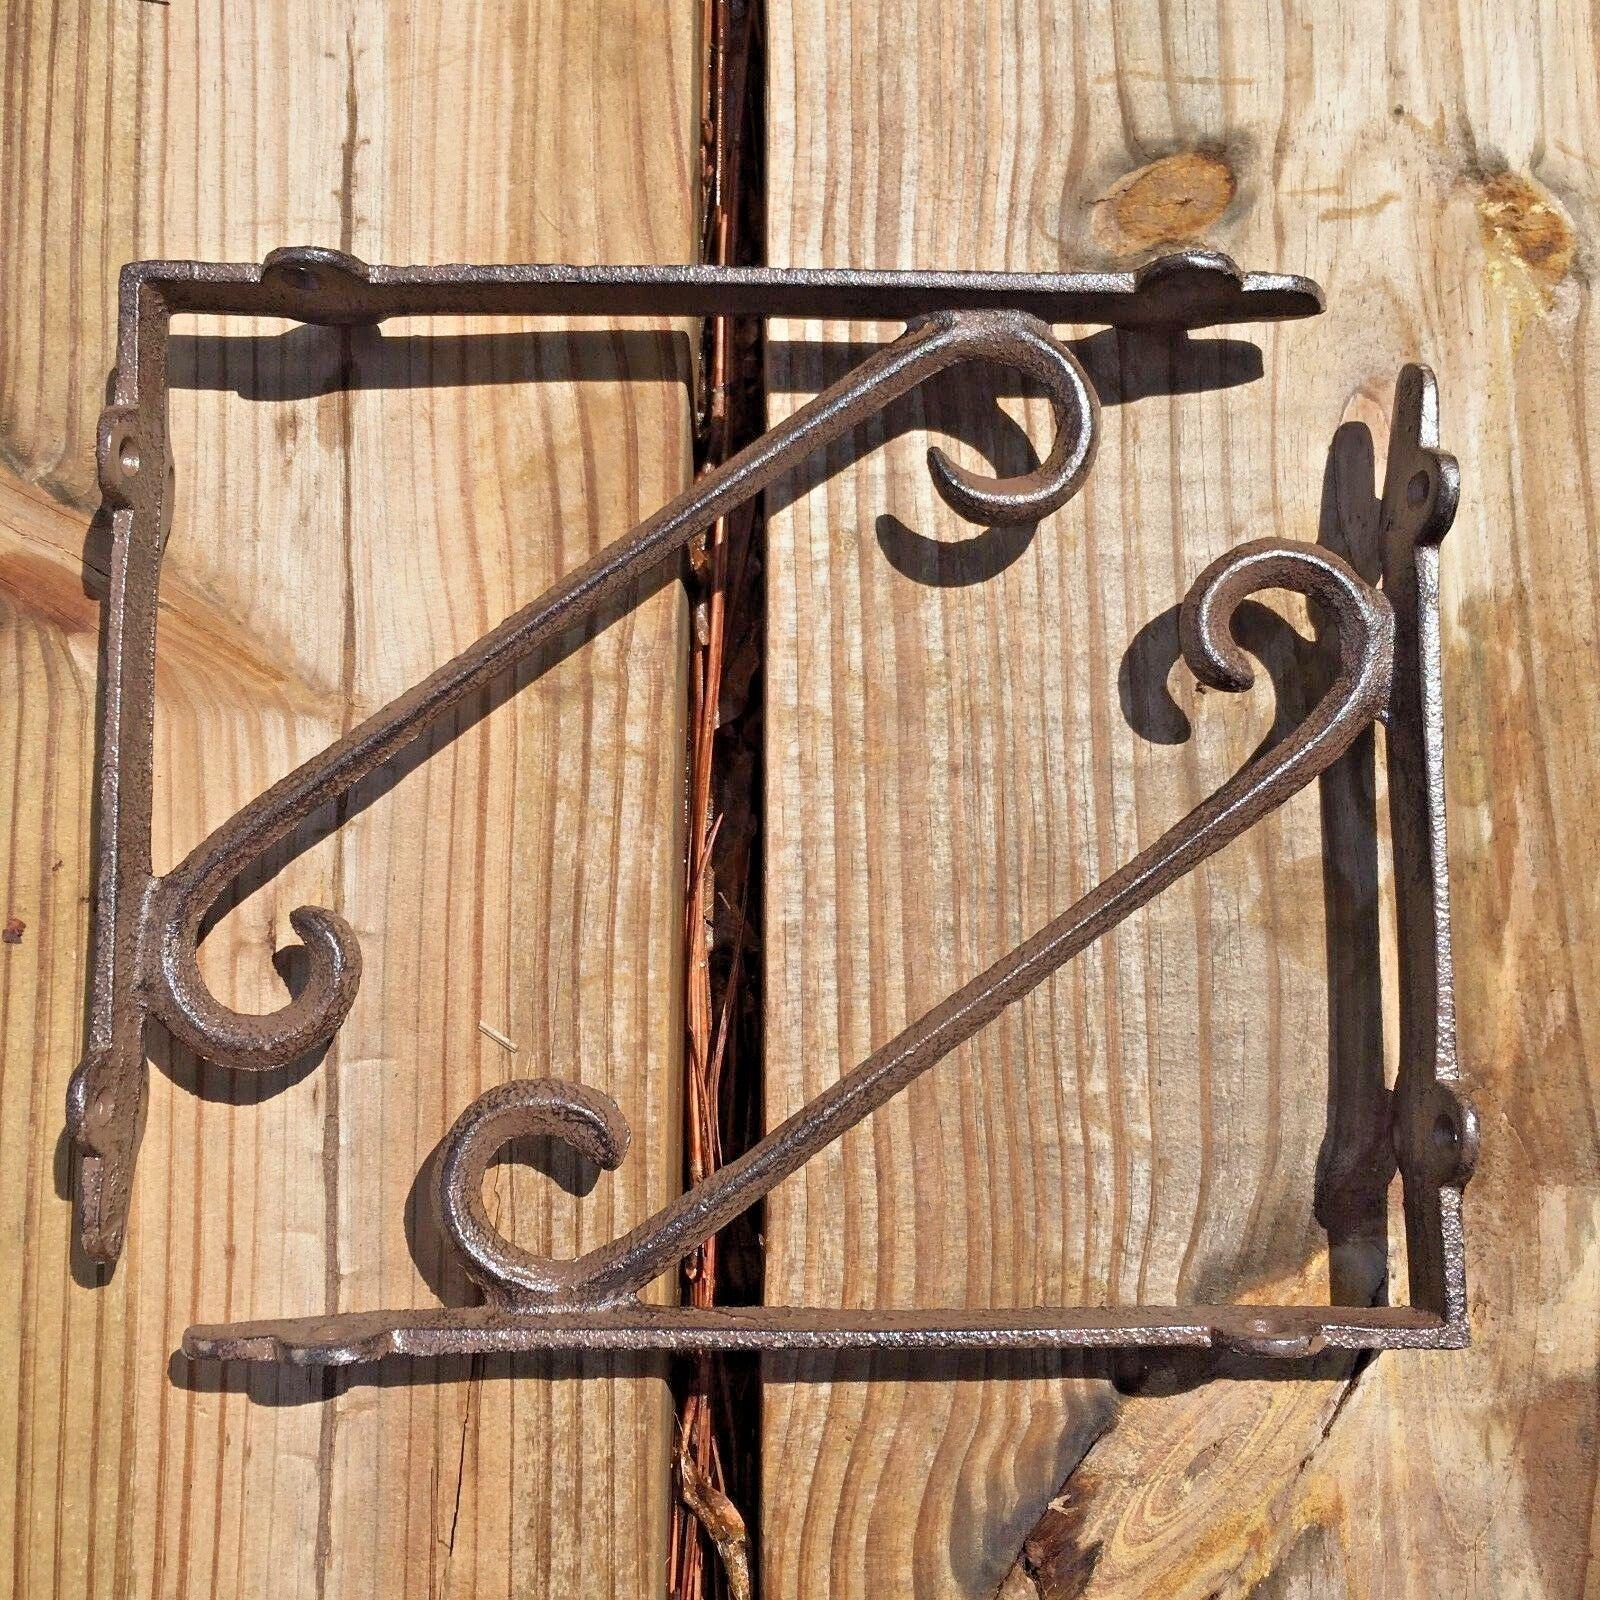 decor mutable brackets home stupendous w aluminum ga peachy similiar bracket x shelf metal decorative knape manchester vogt iron quotes l in bronze keywords